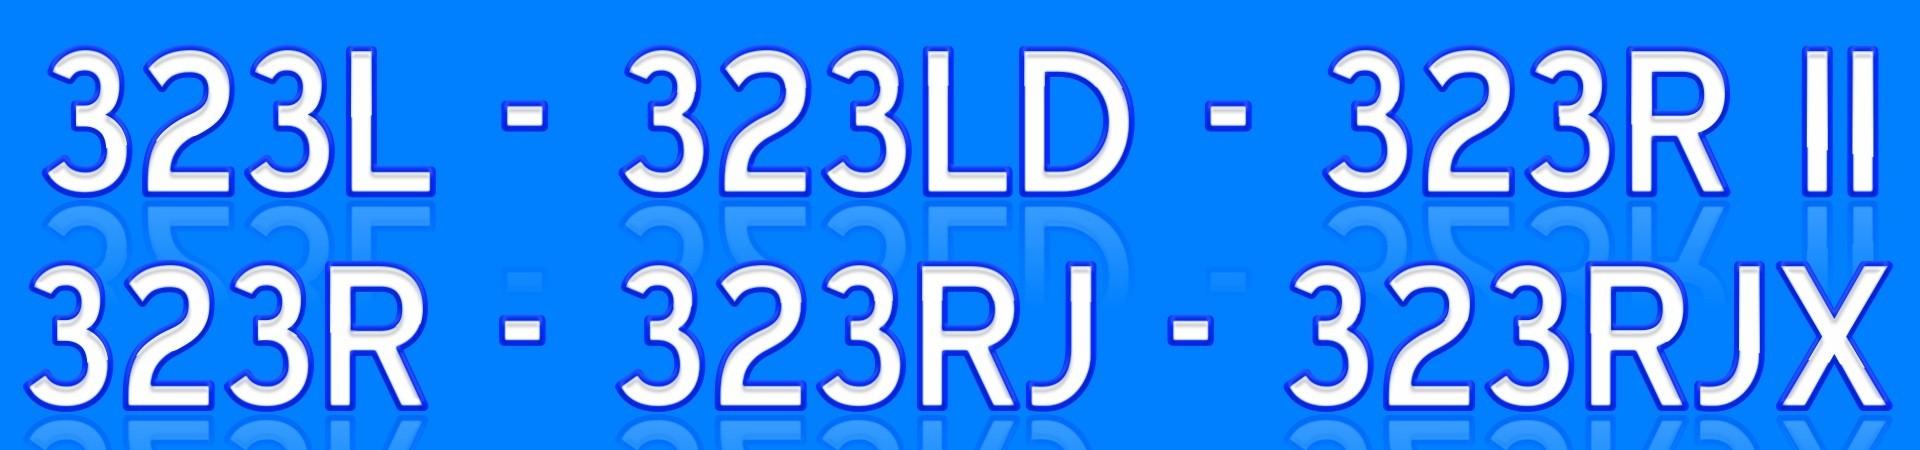 323R 325R